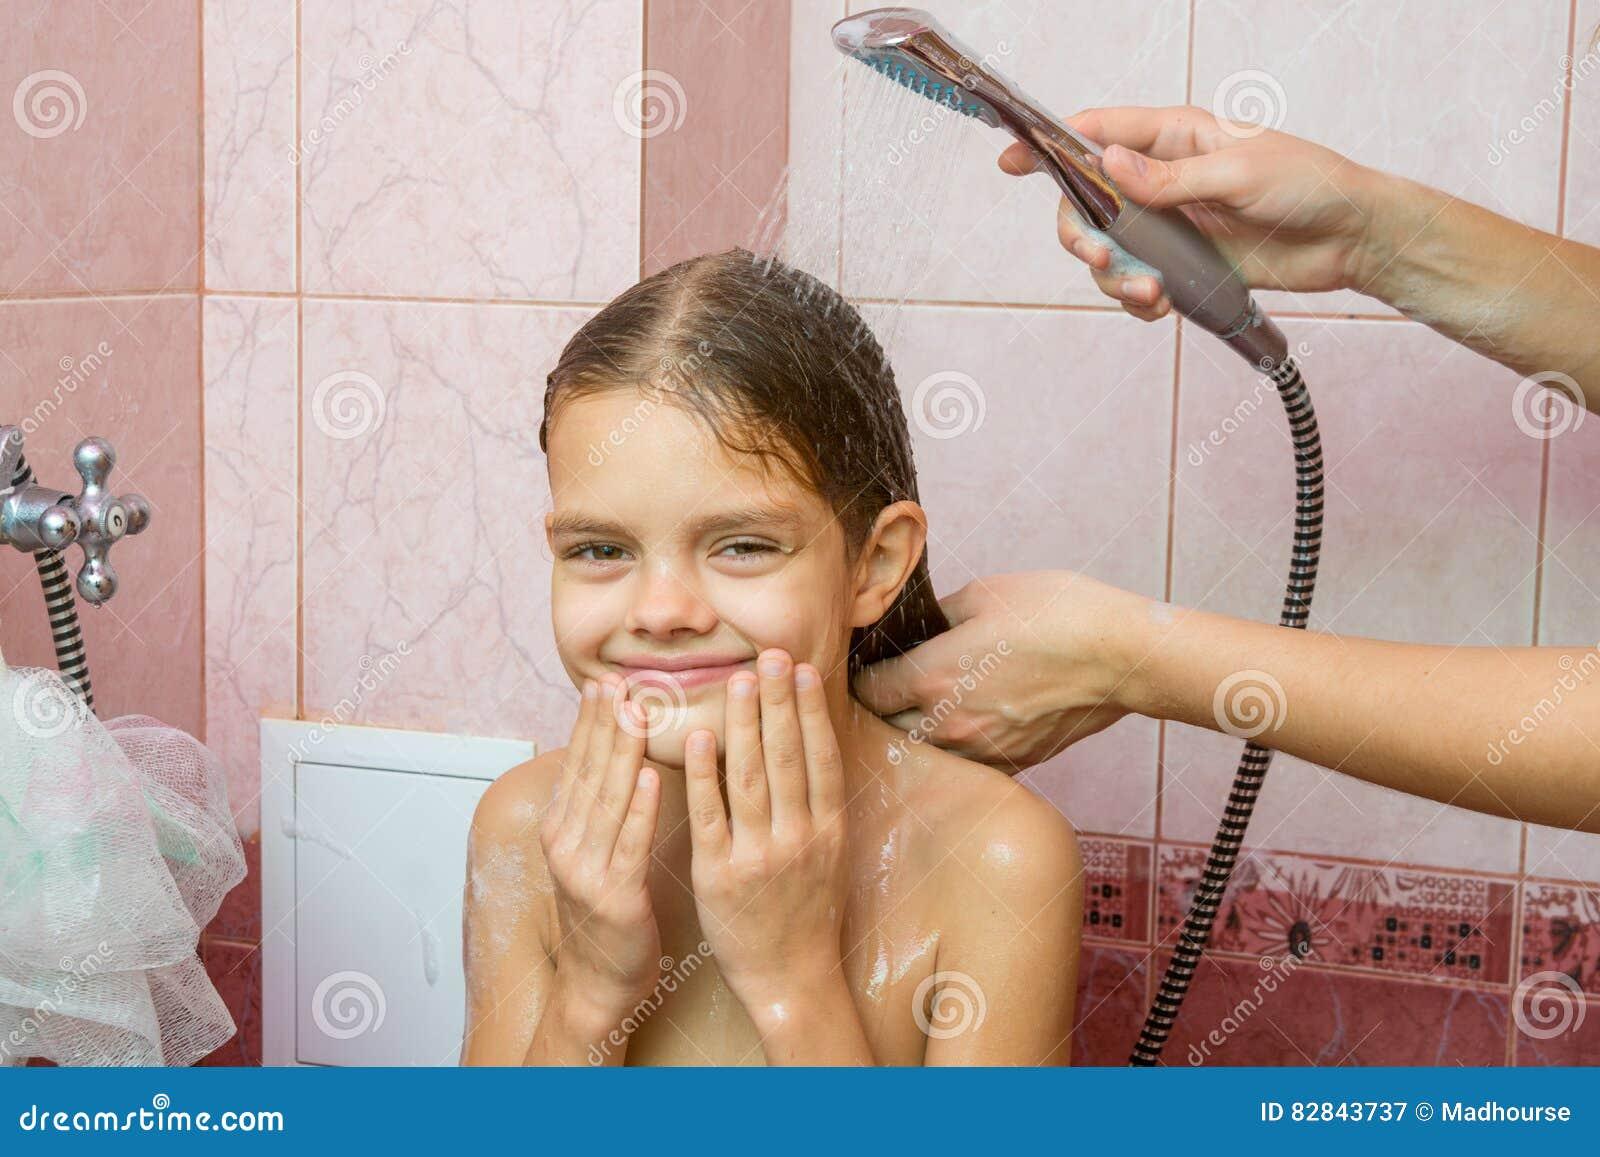 Bad Voor Onder De Douche.Het Zevenjarige Meisje Baadt In Een Bad Onder Douche Stock